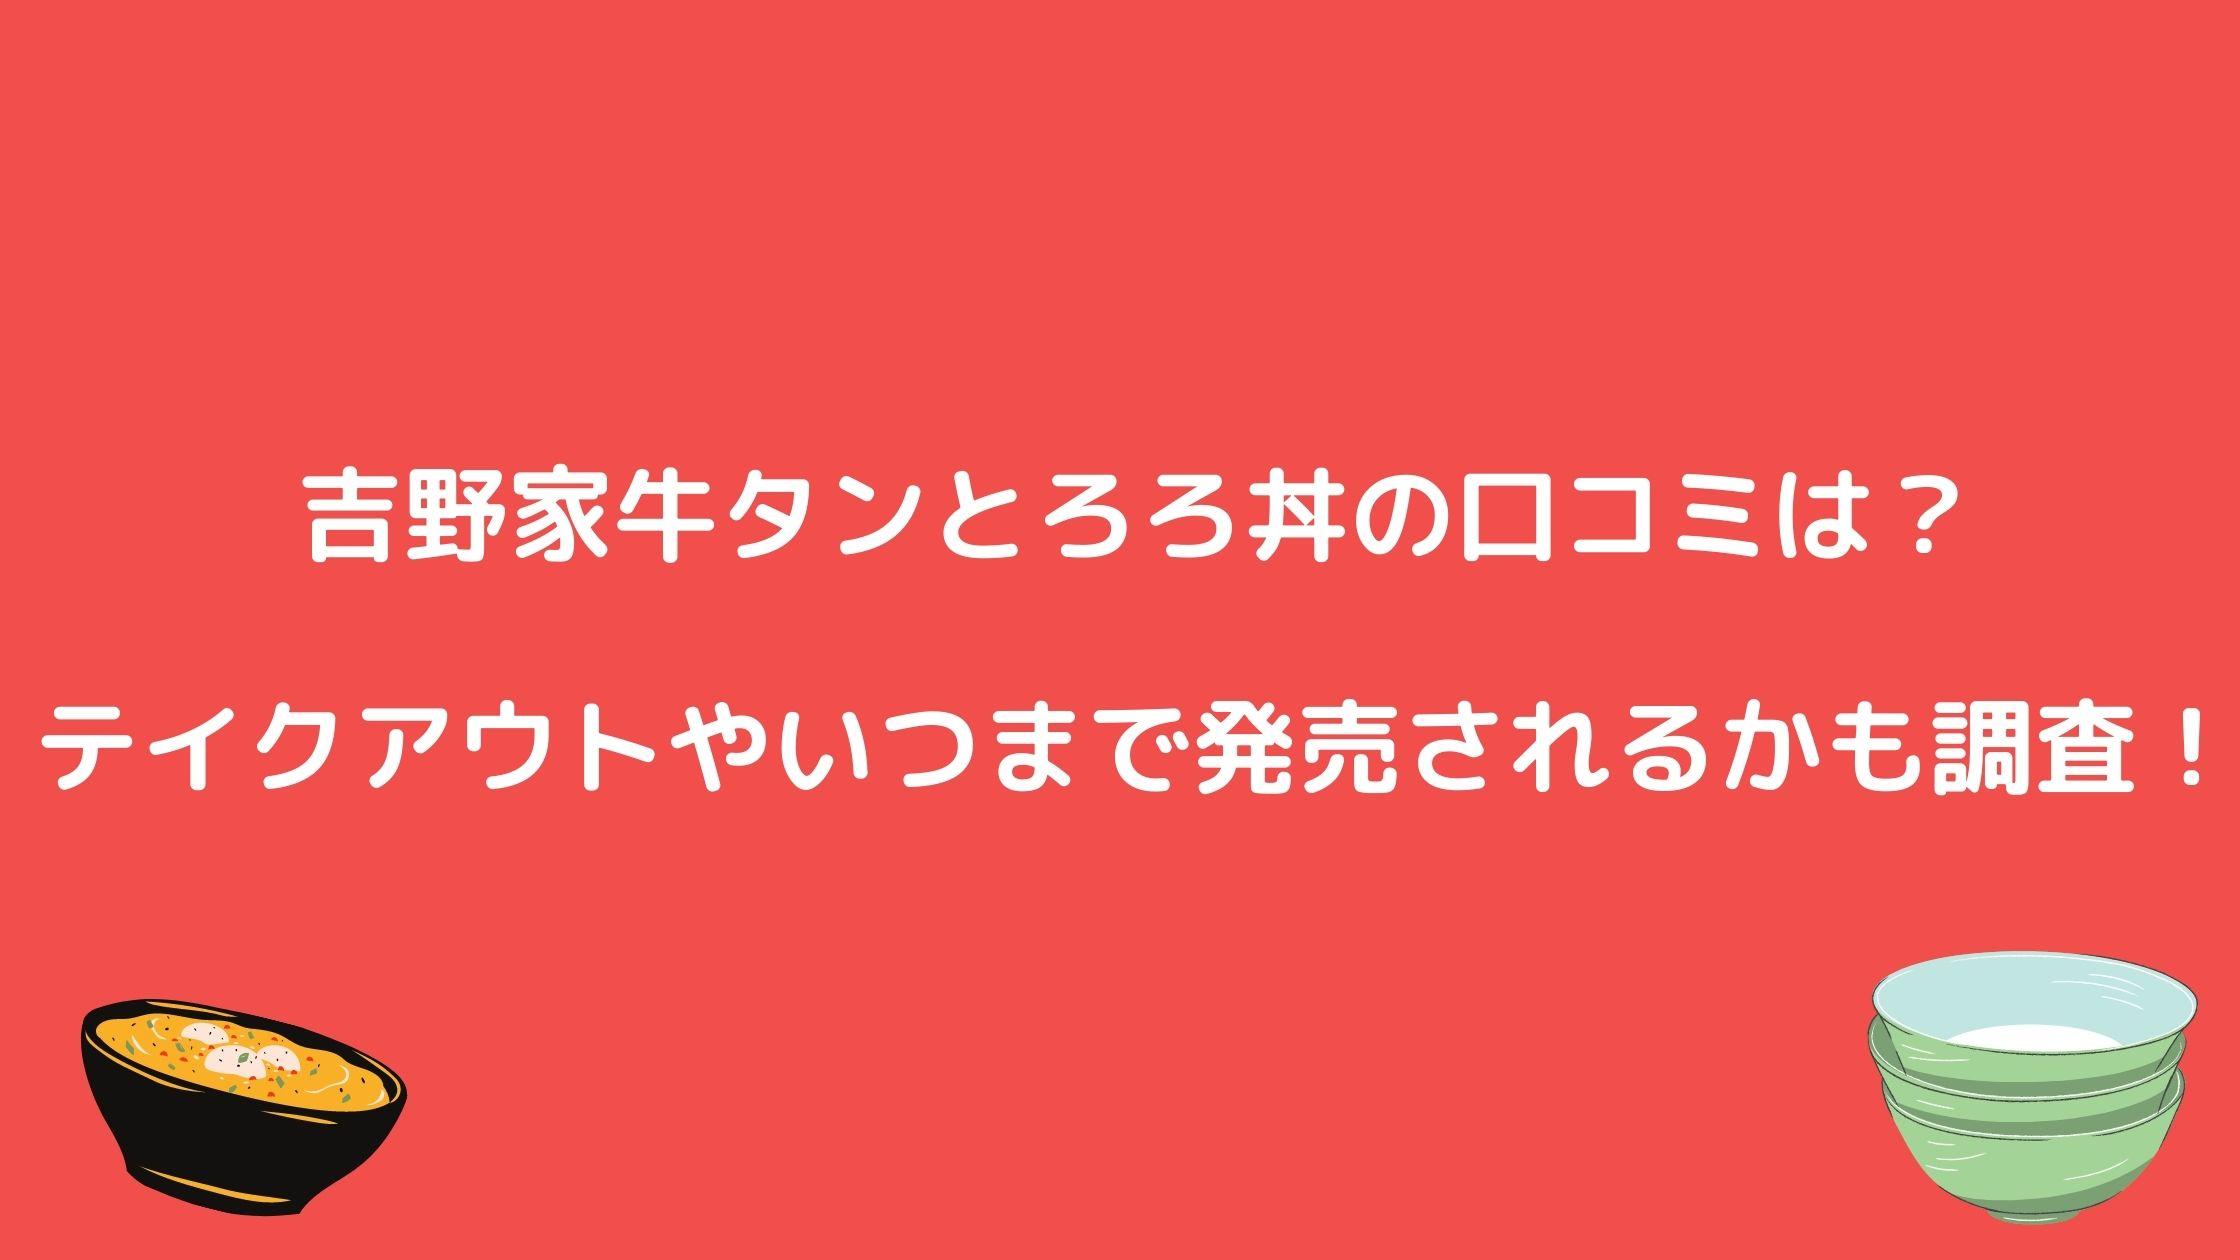 吉野家牛タンとろろ丼の口コミ!テイクアウトやいつまで発売されるか調査!